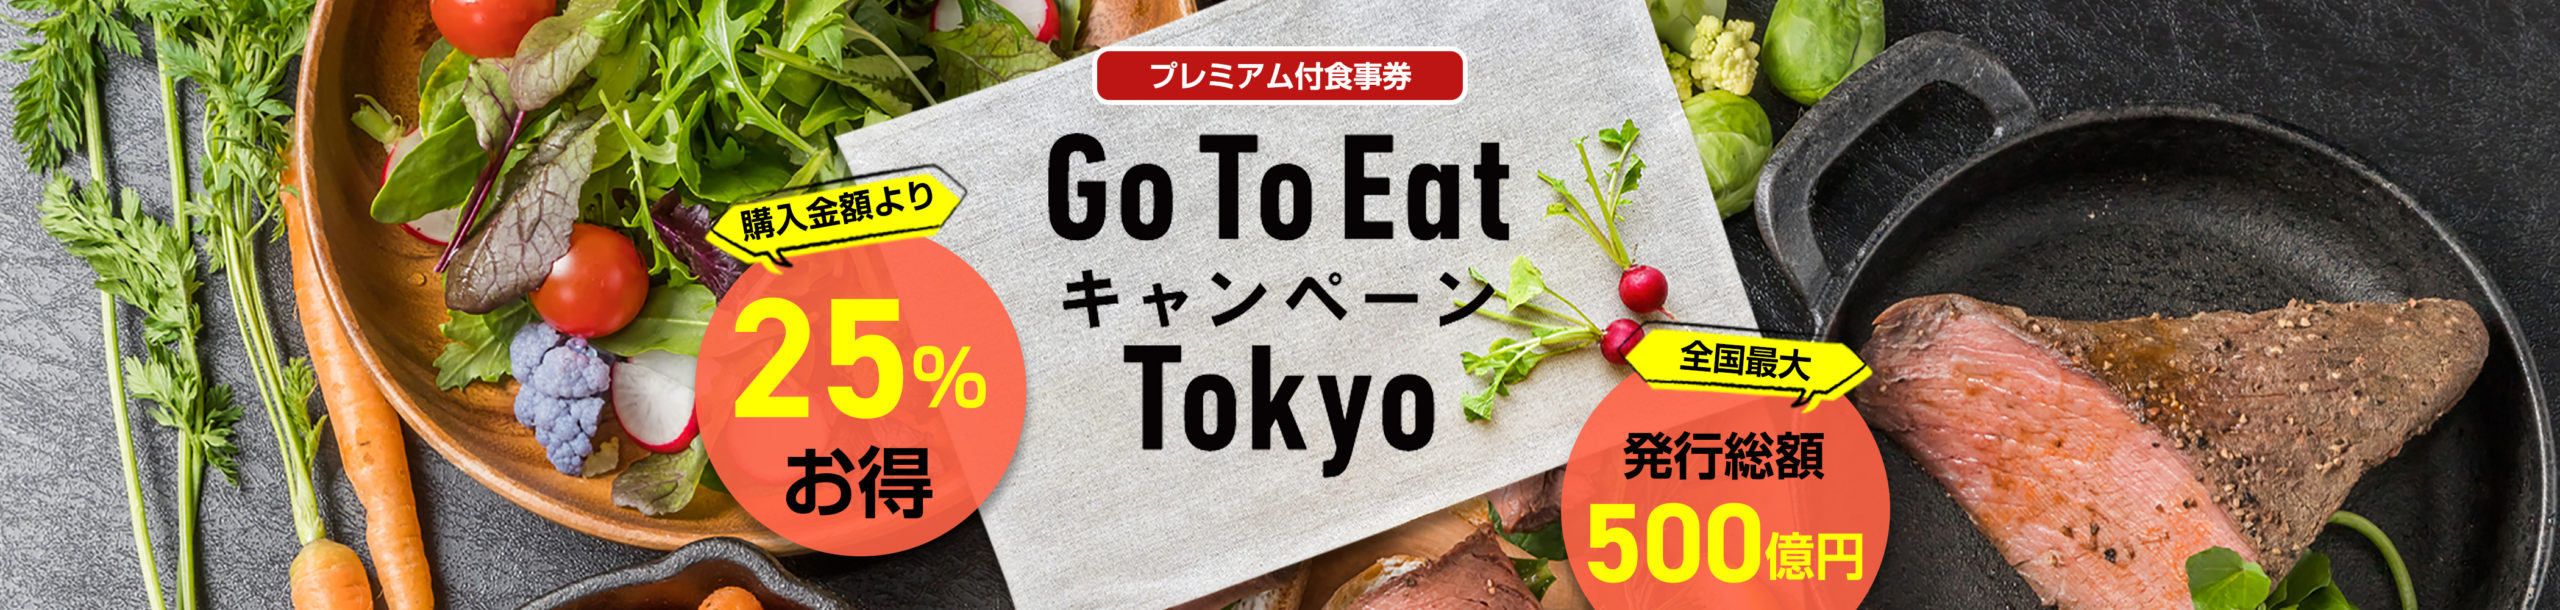 Go To Eat 東京 プレミアム食事券は11/20 10時抽選発売開始。500億円の血税を投下して購入金額の25%がお得。~2021/1/31。